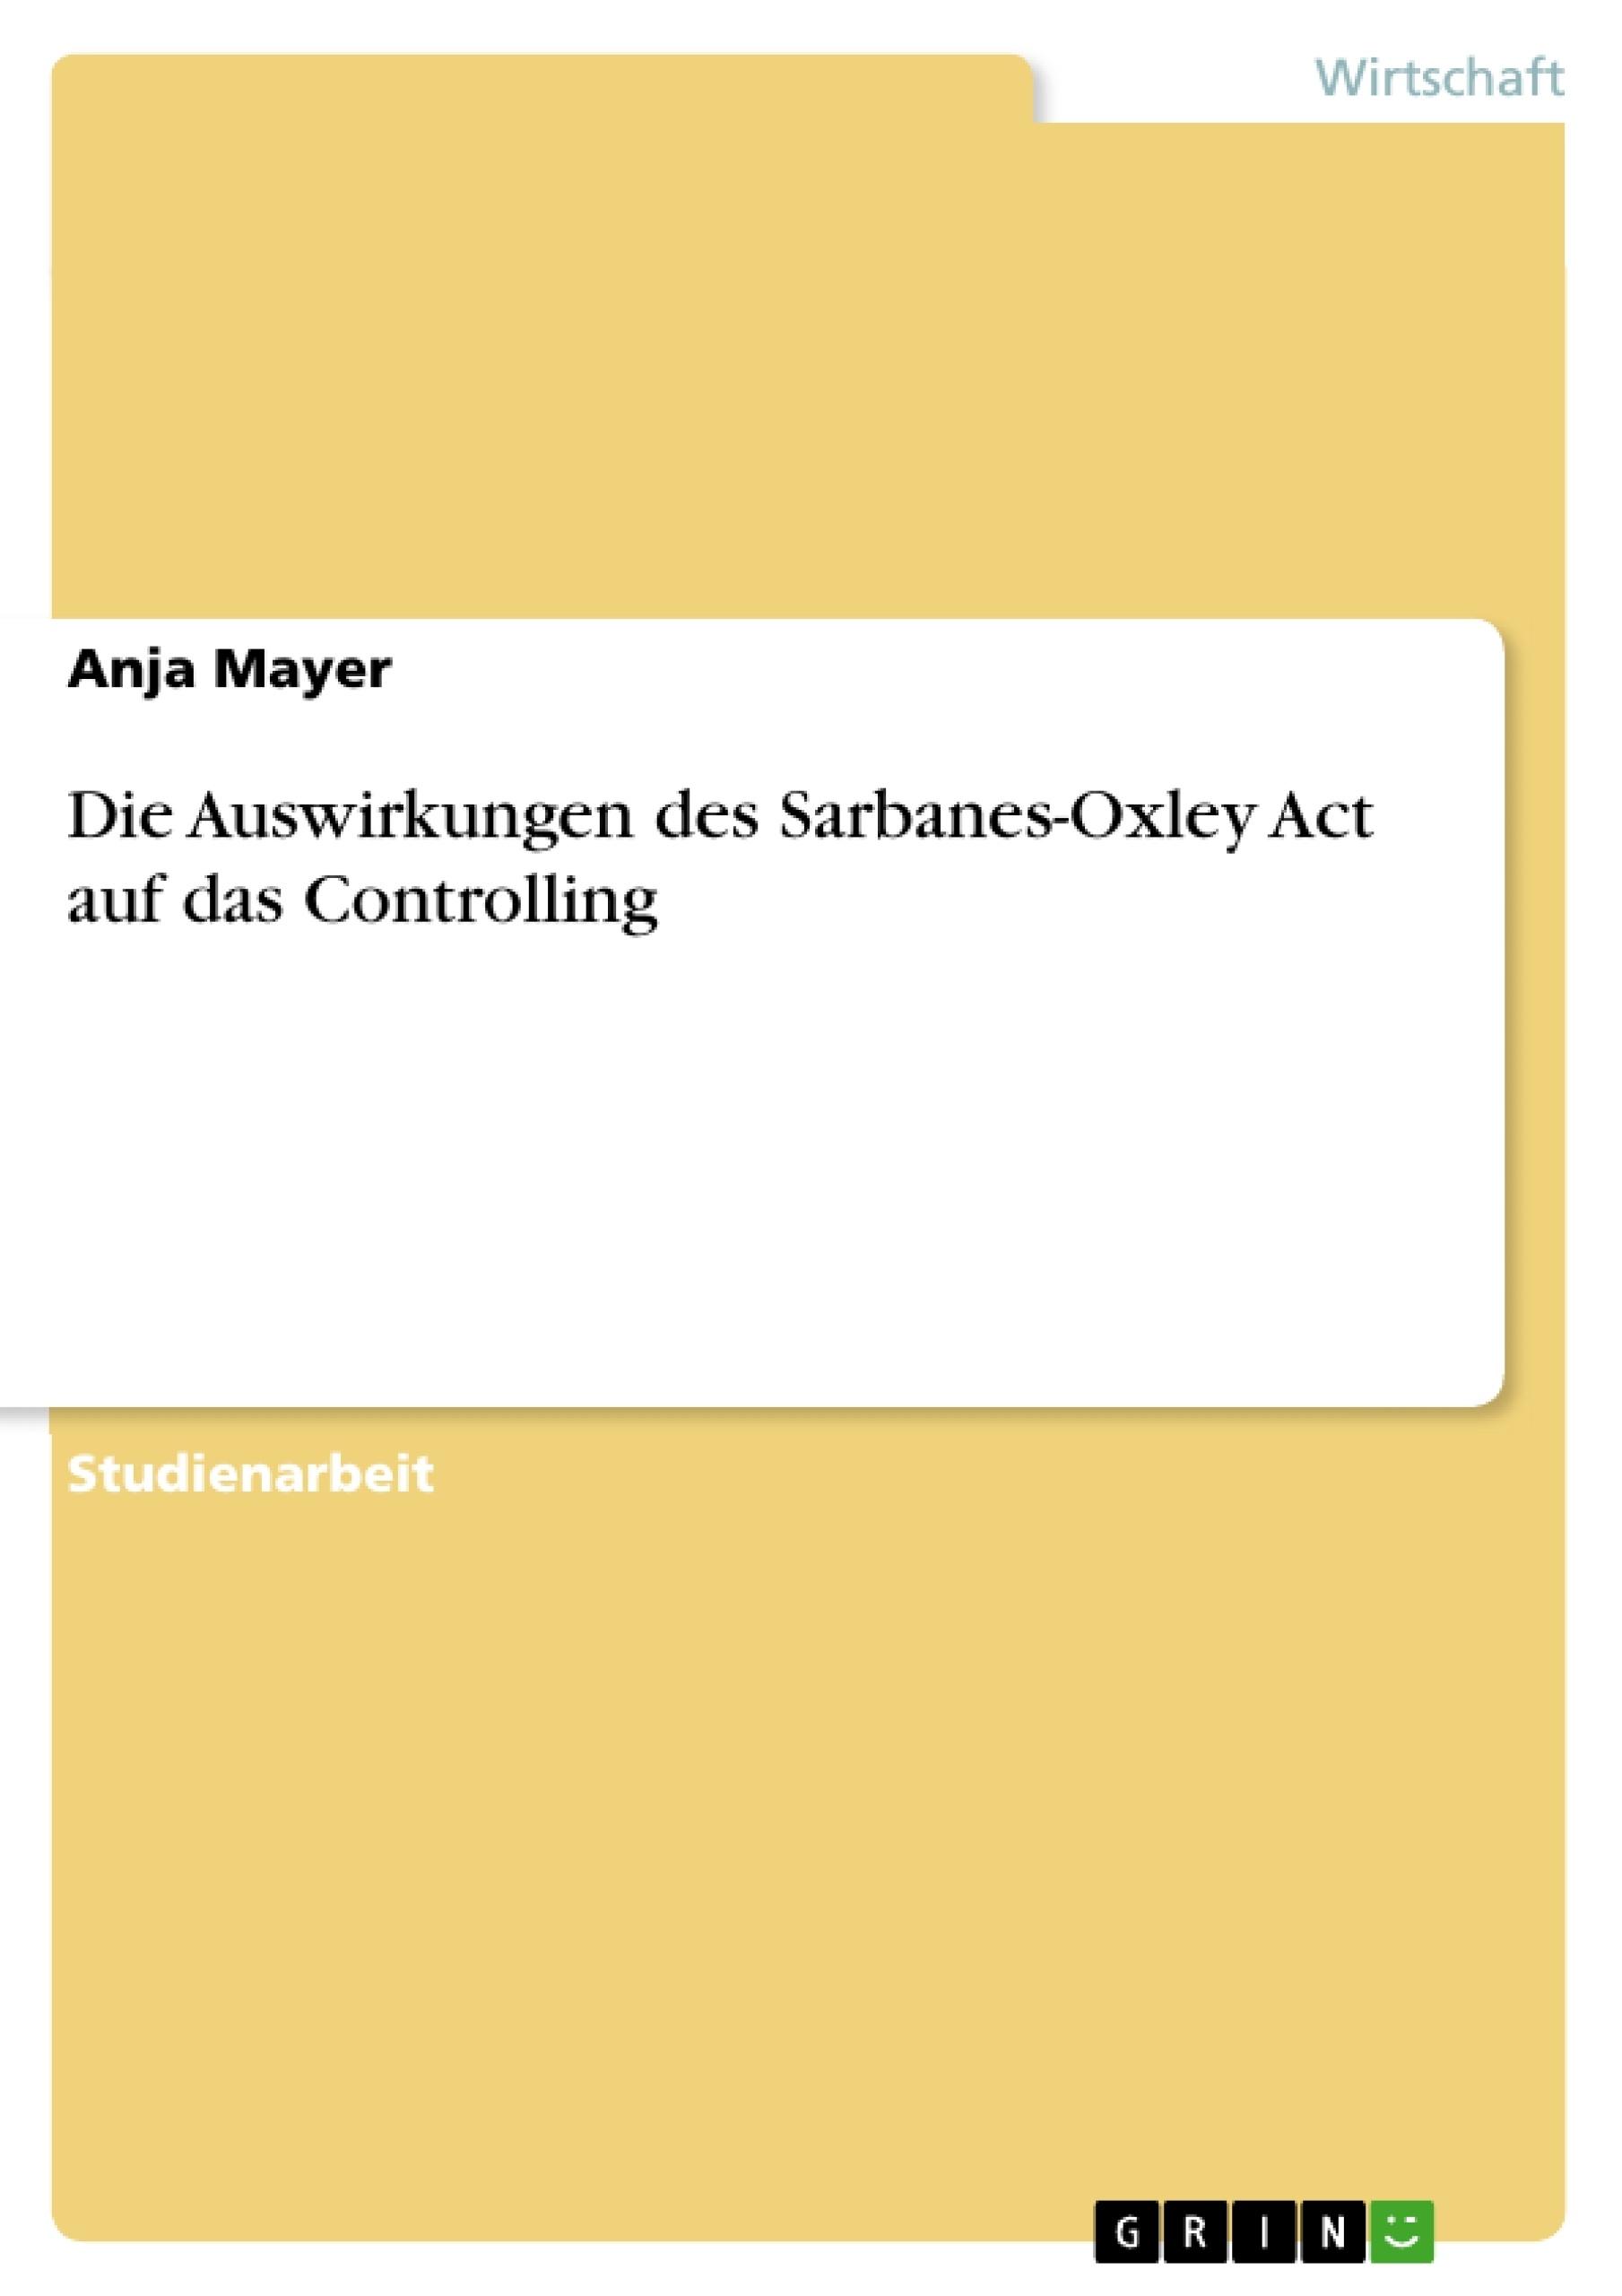 Titel: Die Auswirkungen des Sarbanes-Oxley Act auf das Controlling